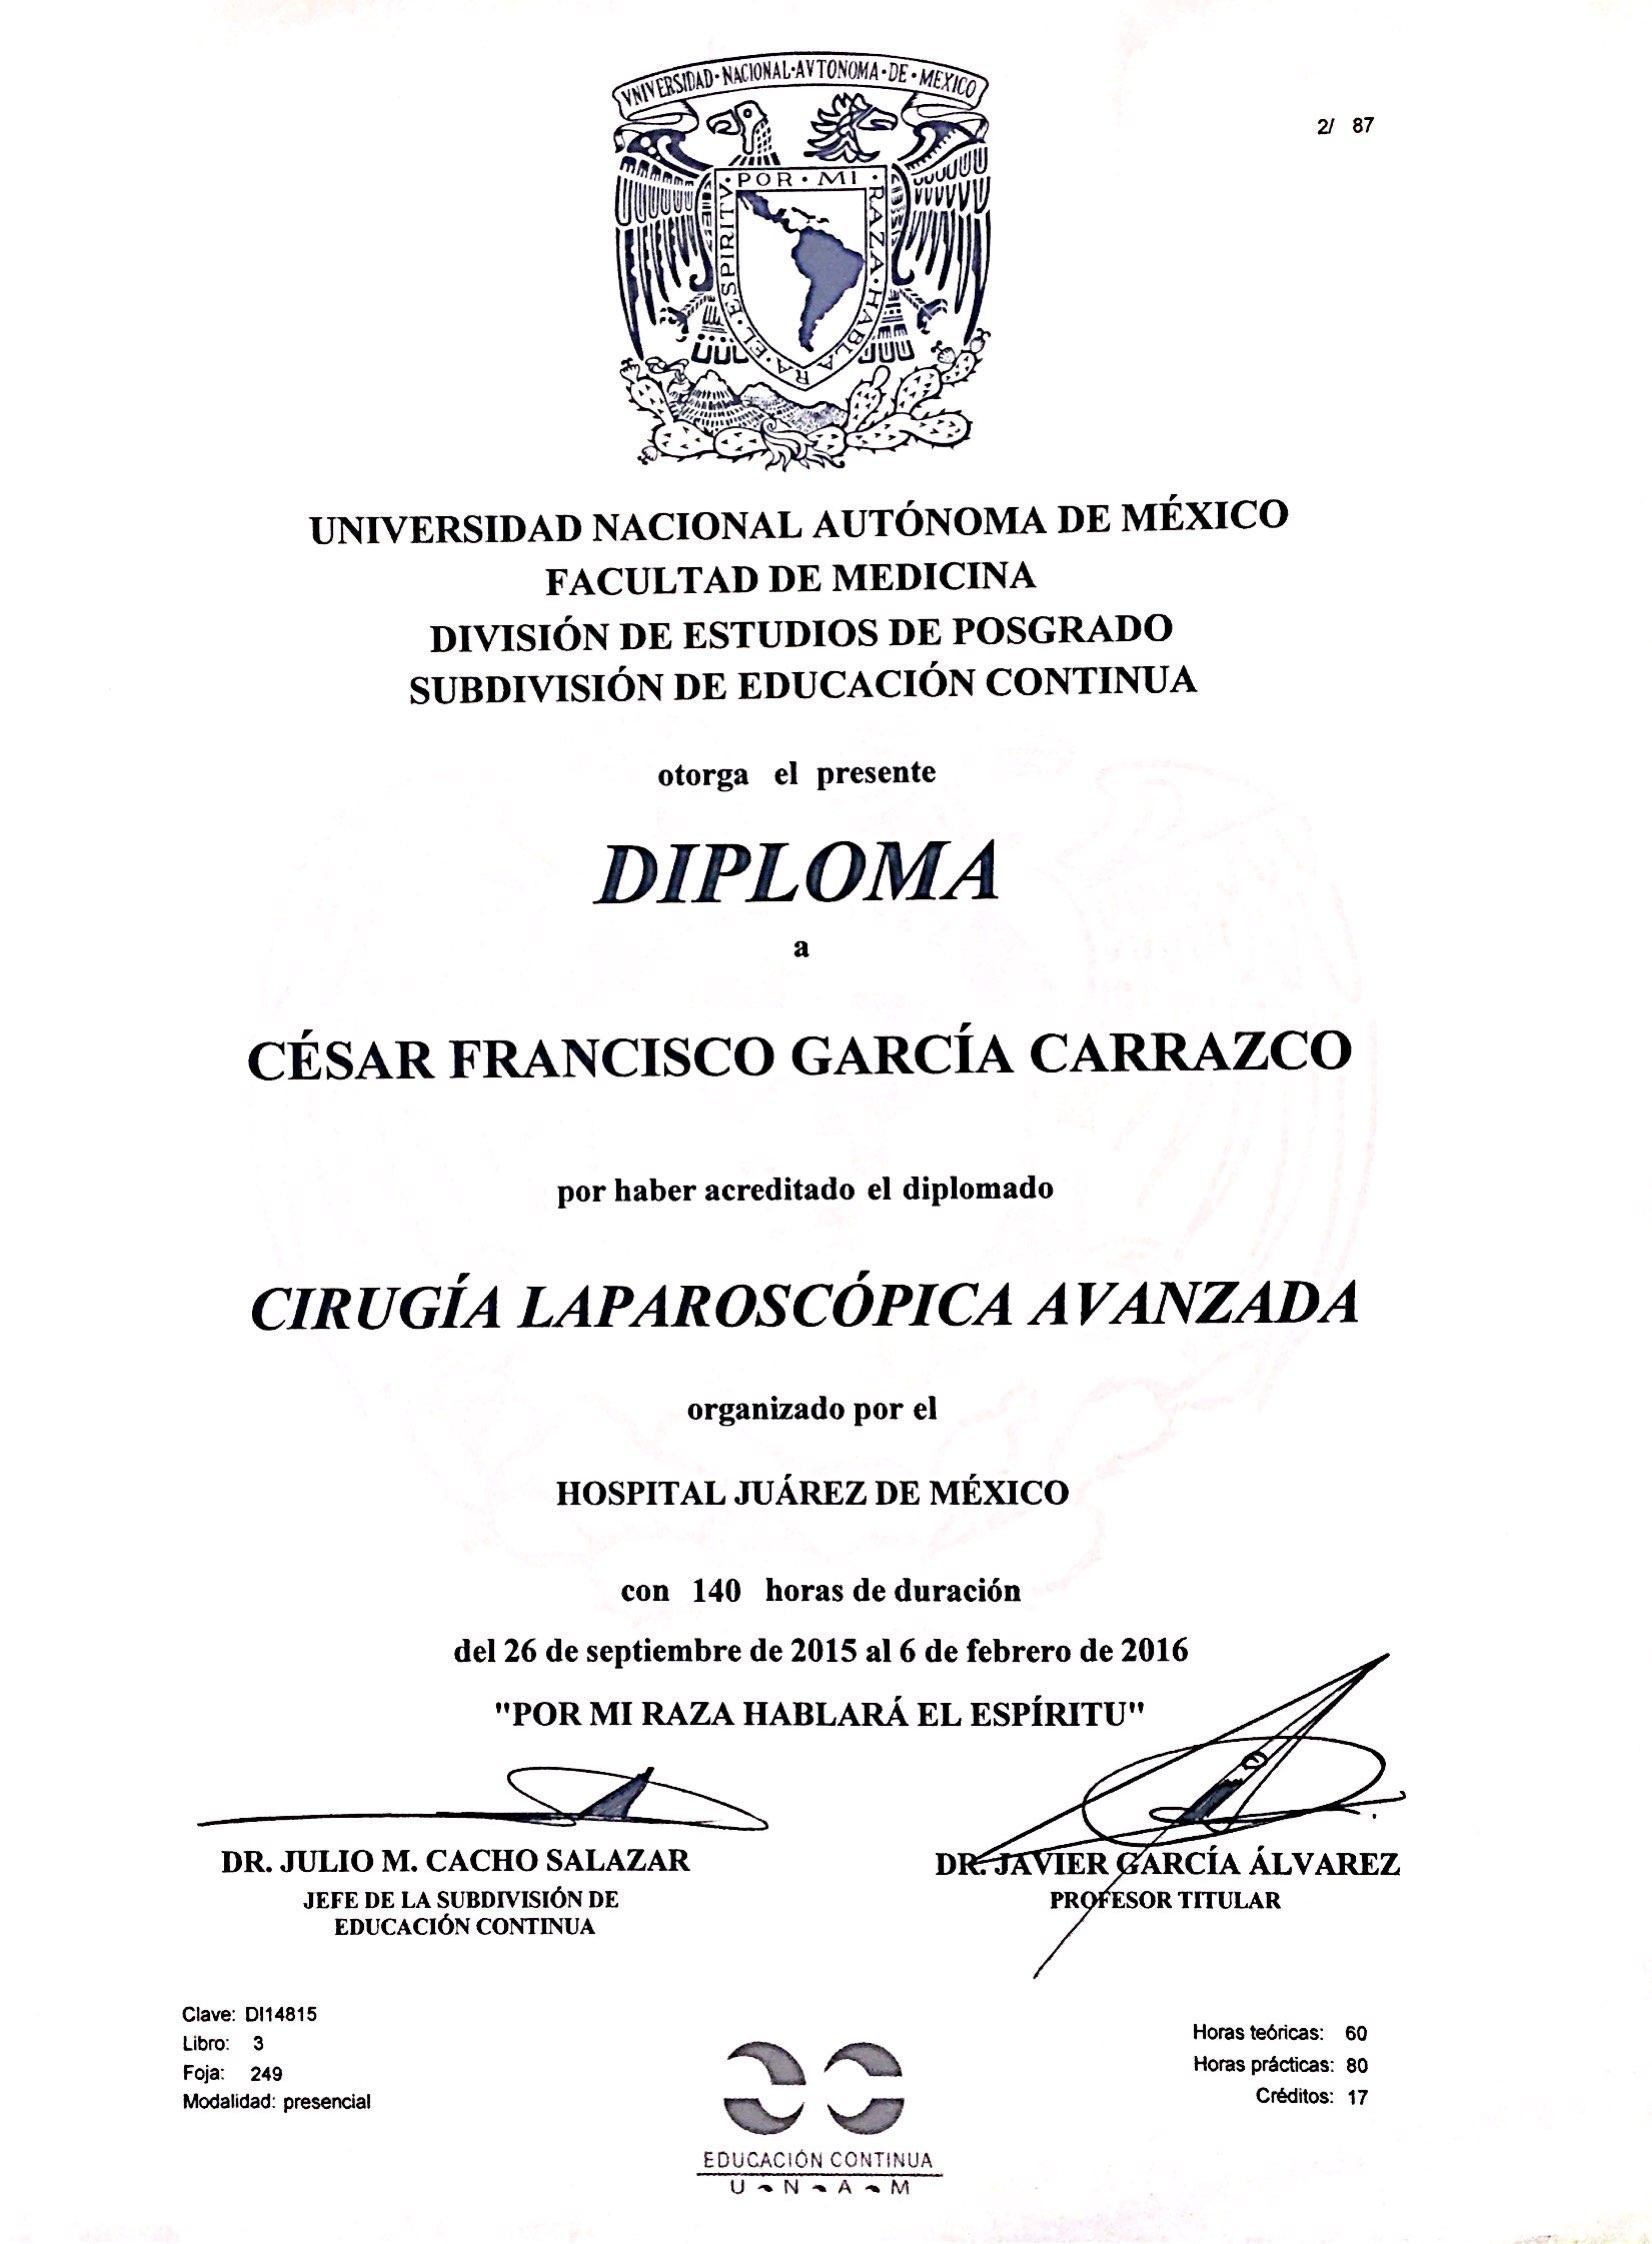 Dr. Garcia Carrazco_25